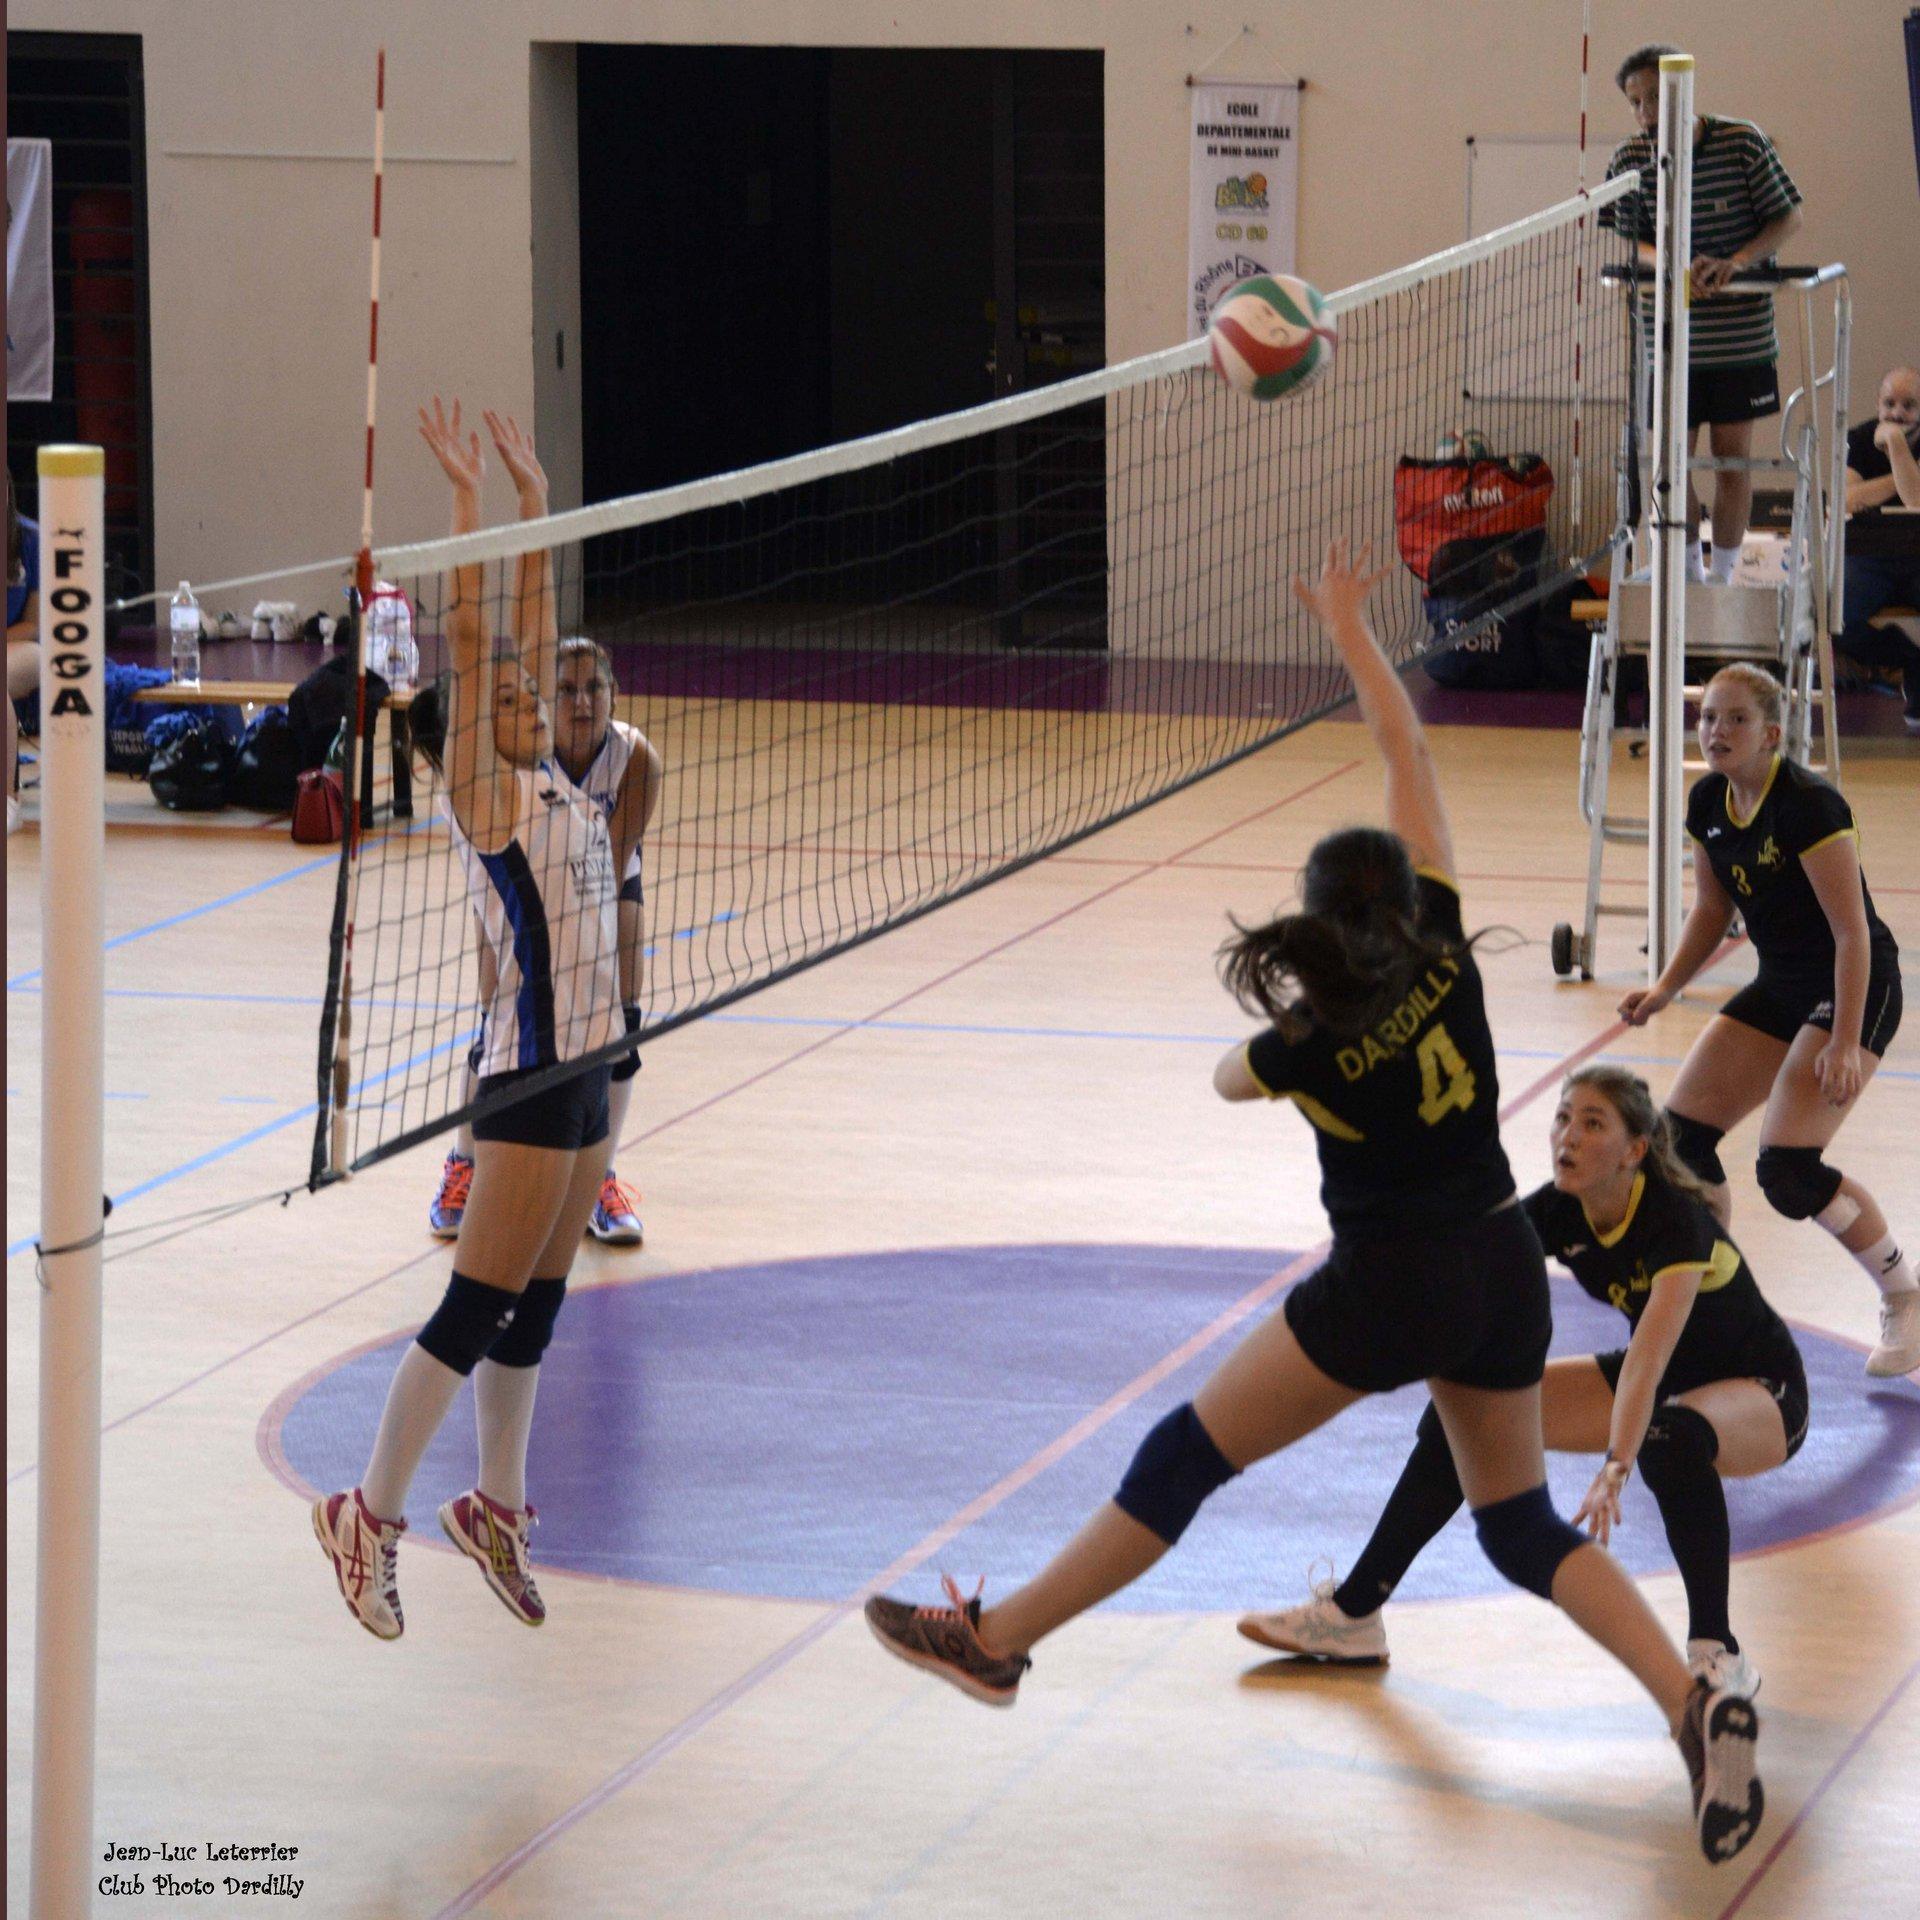 08_Volley_26_JLL_DSC8188